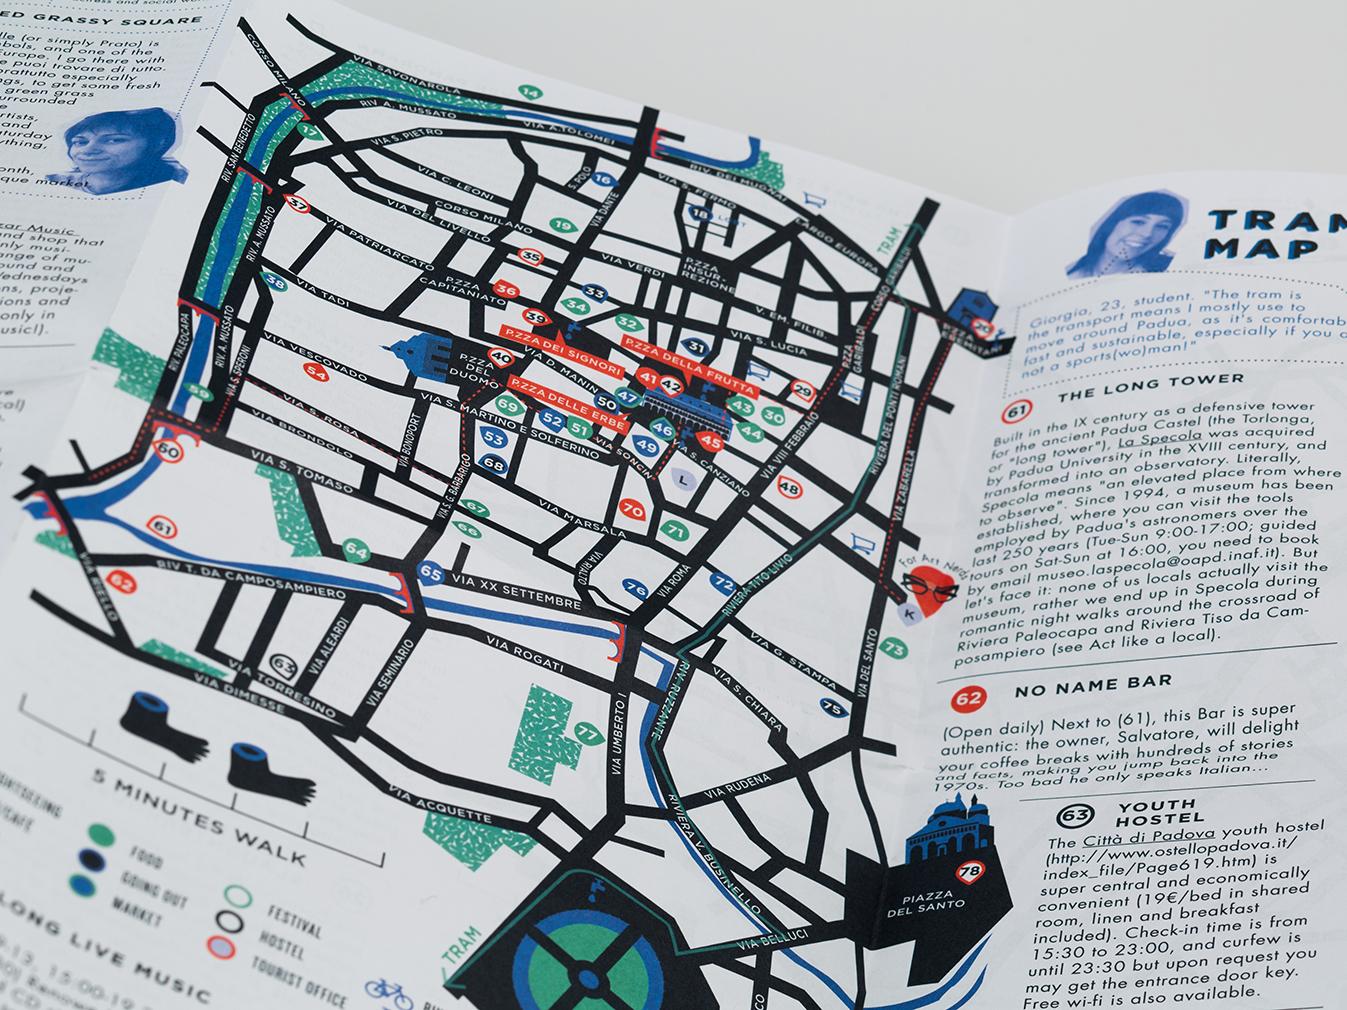 mappa illustrata pieghevole padov